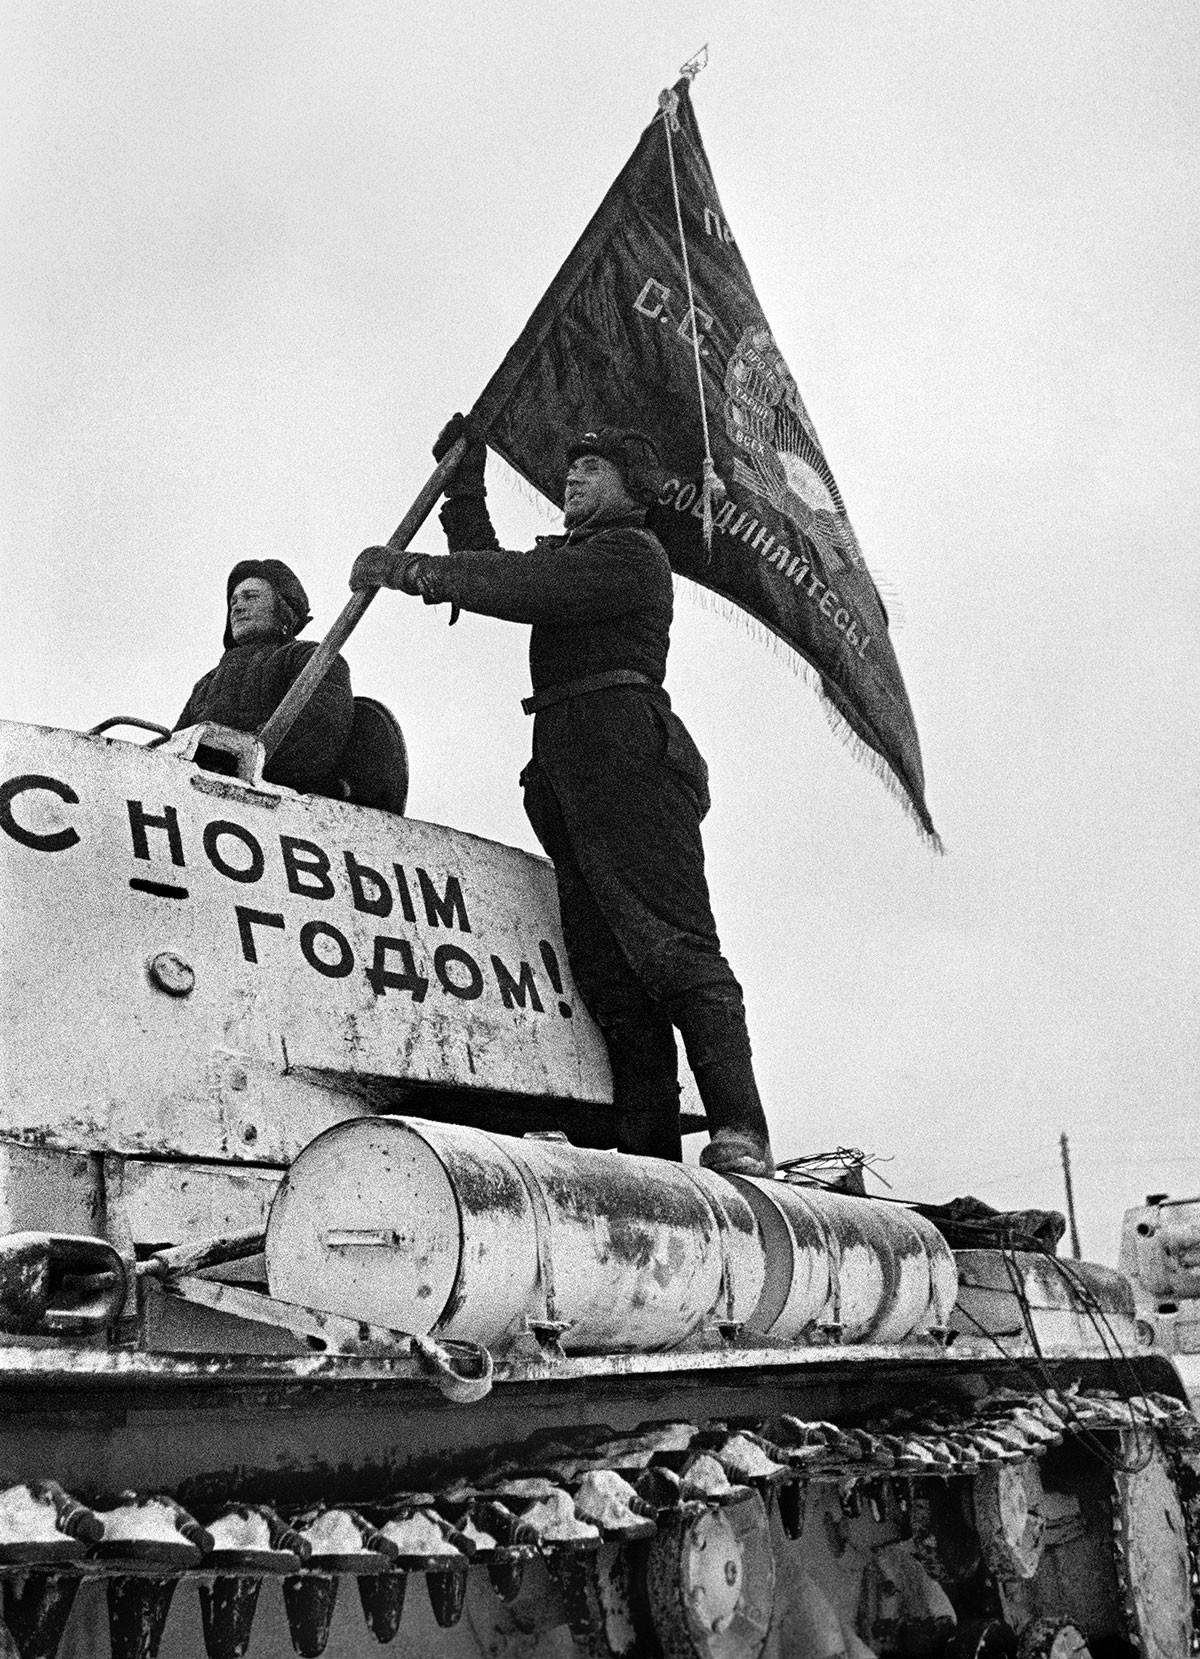 El Año Nuevo en el frente oriental de la Segunda Guerra Mundial, 1941